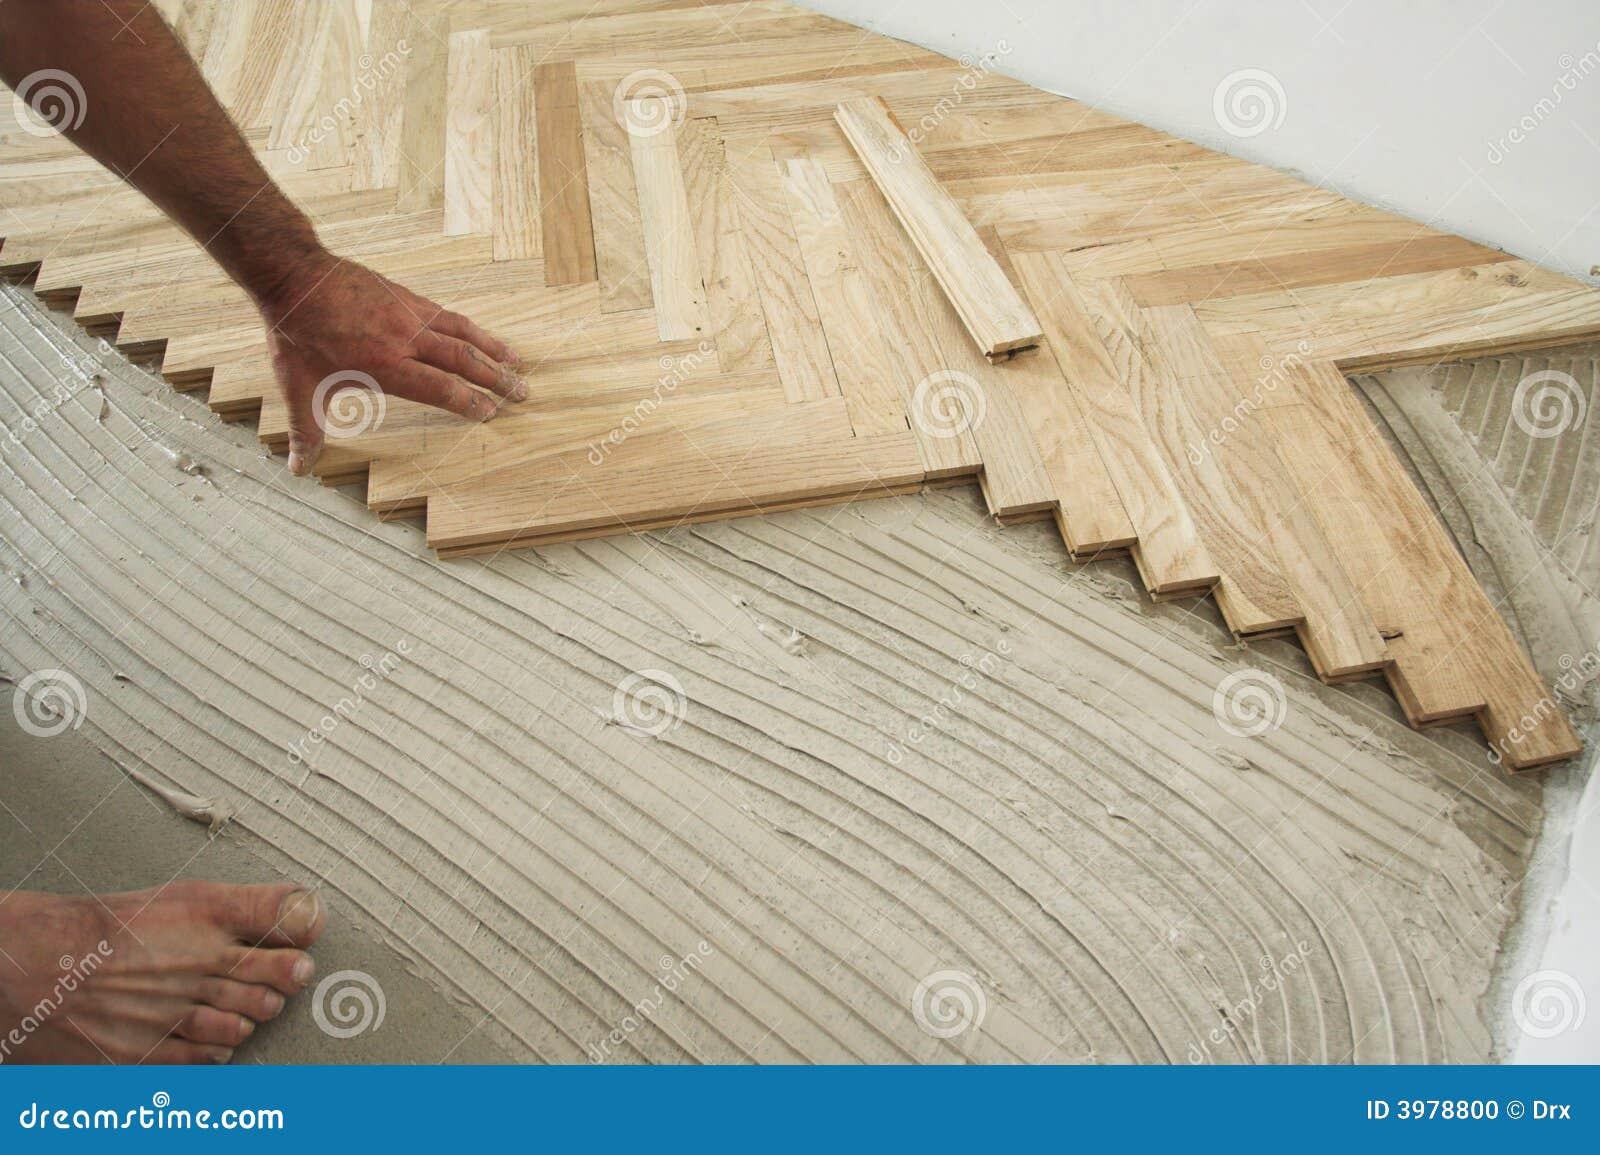 木匠楼层木条地板